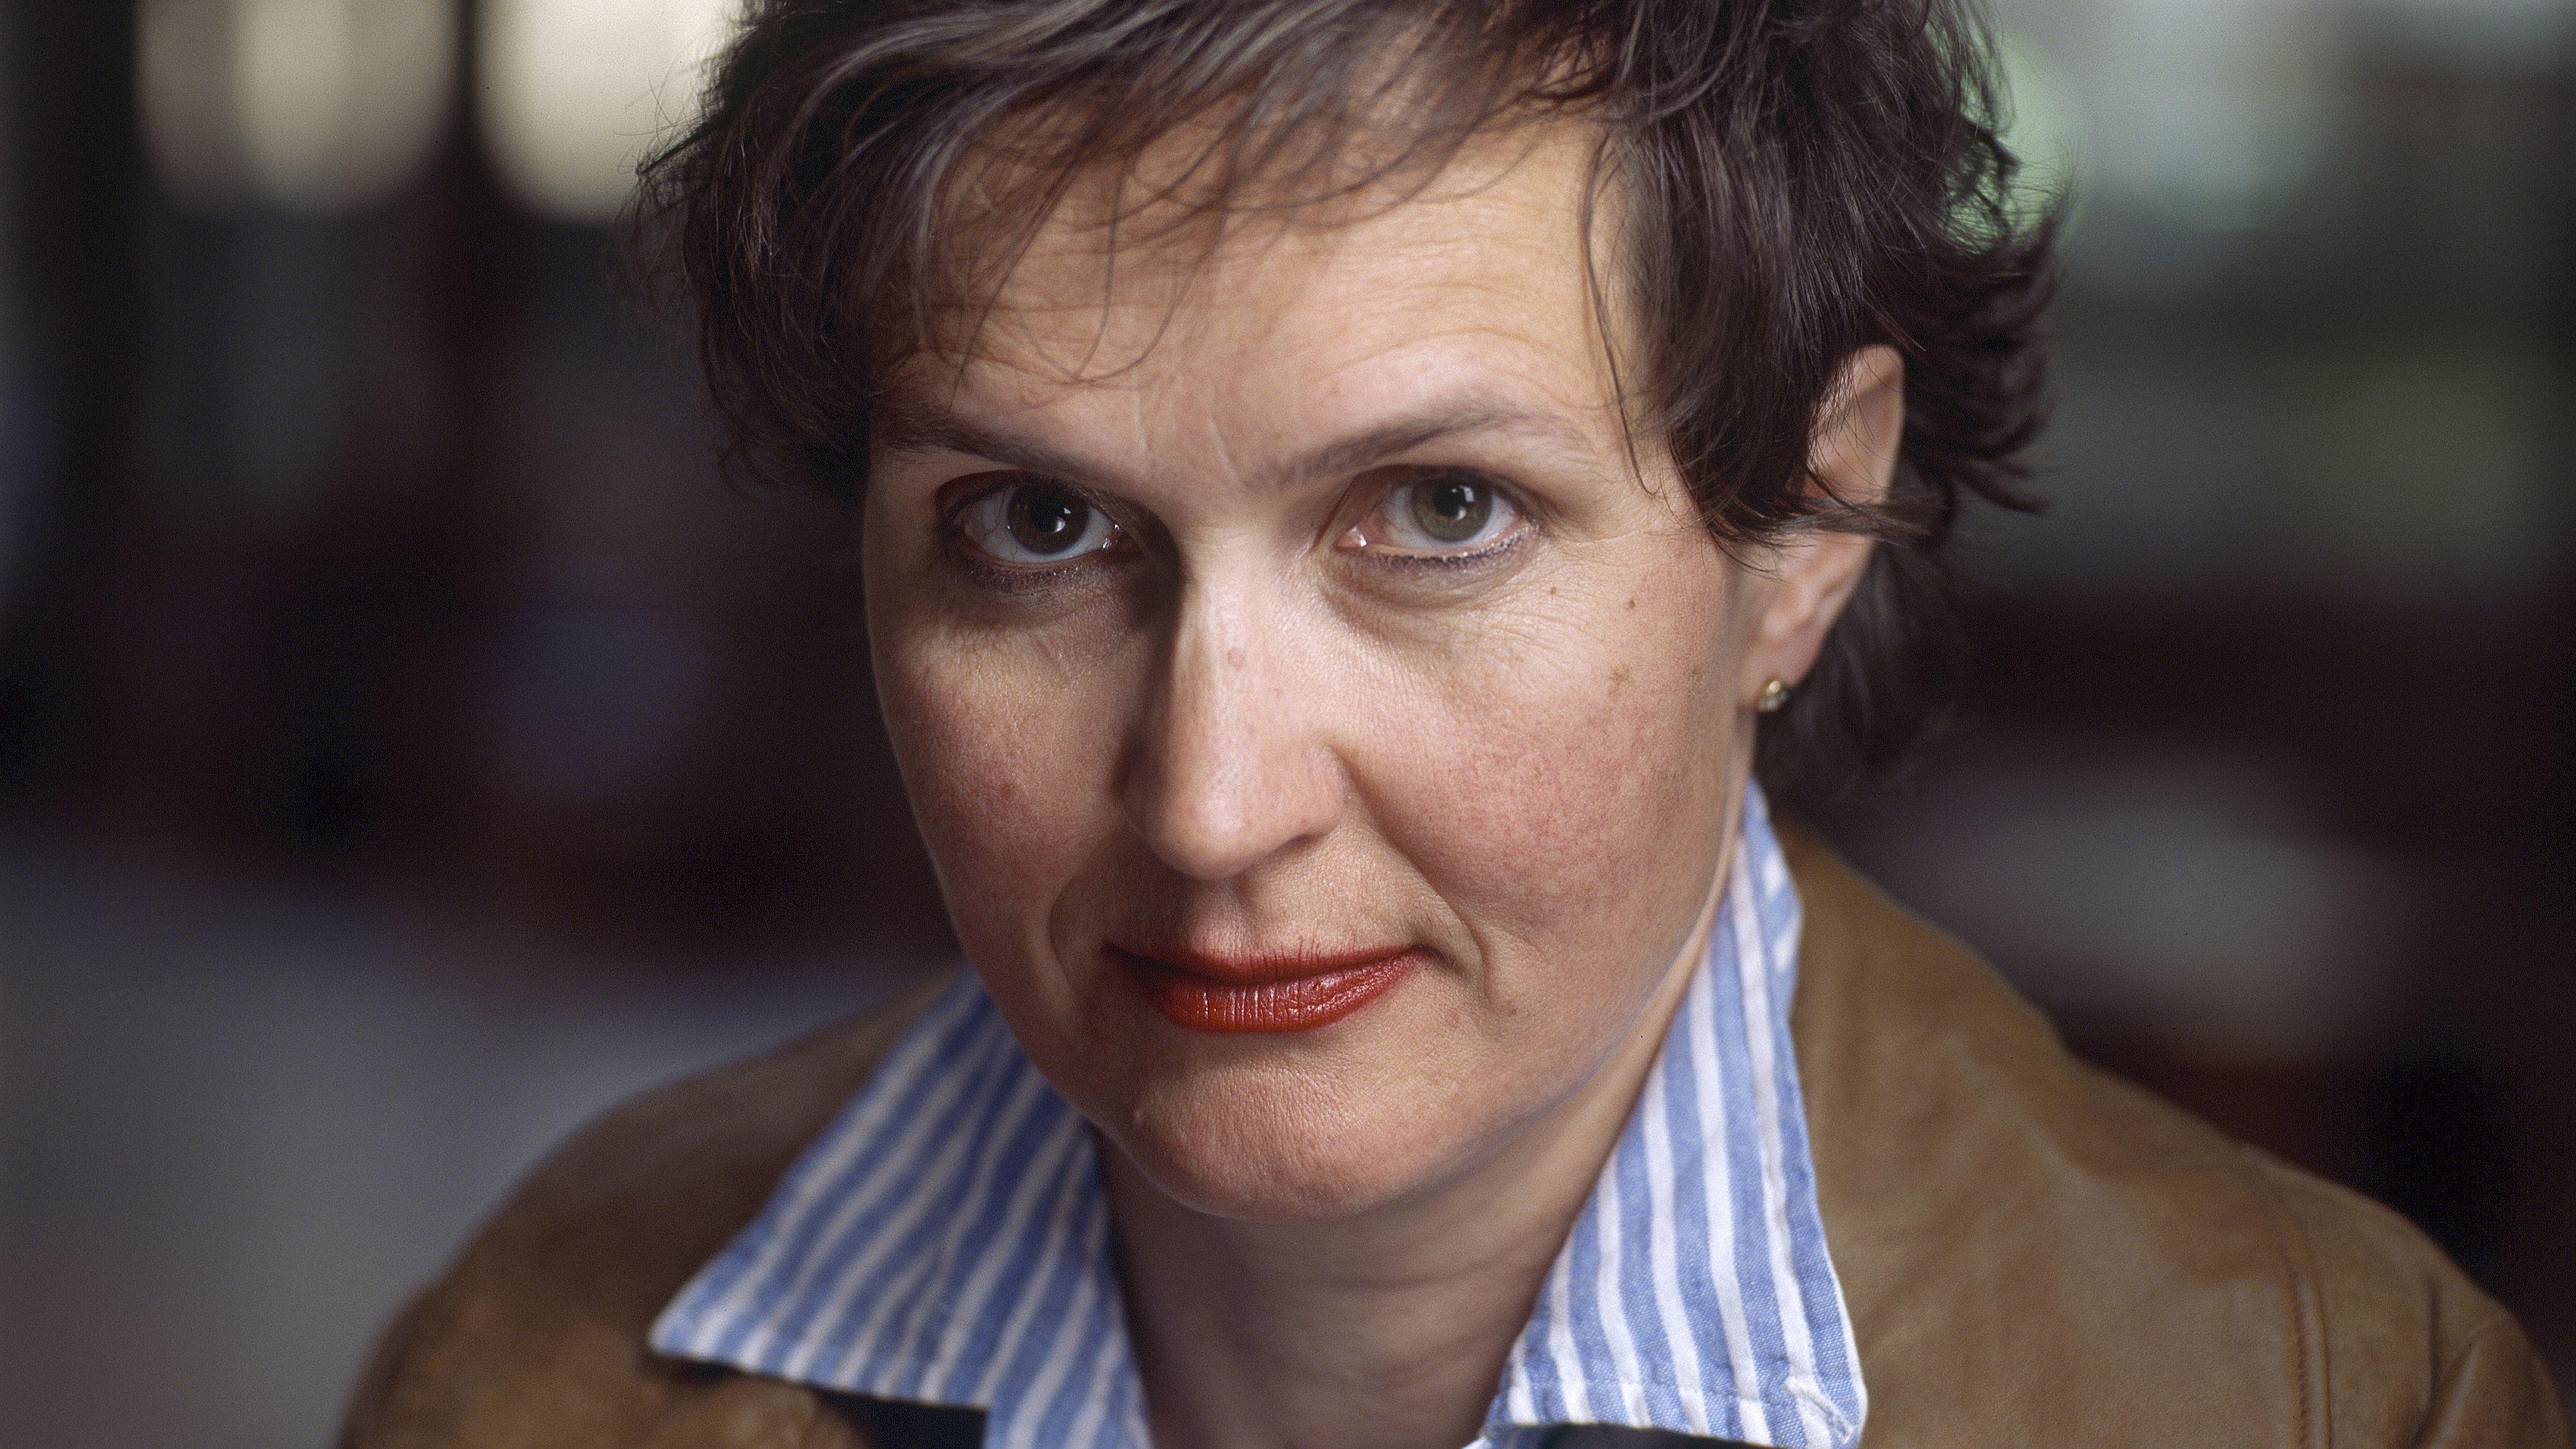 Barbara Frey blickt ernst in die Kamera